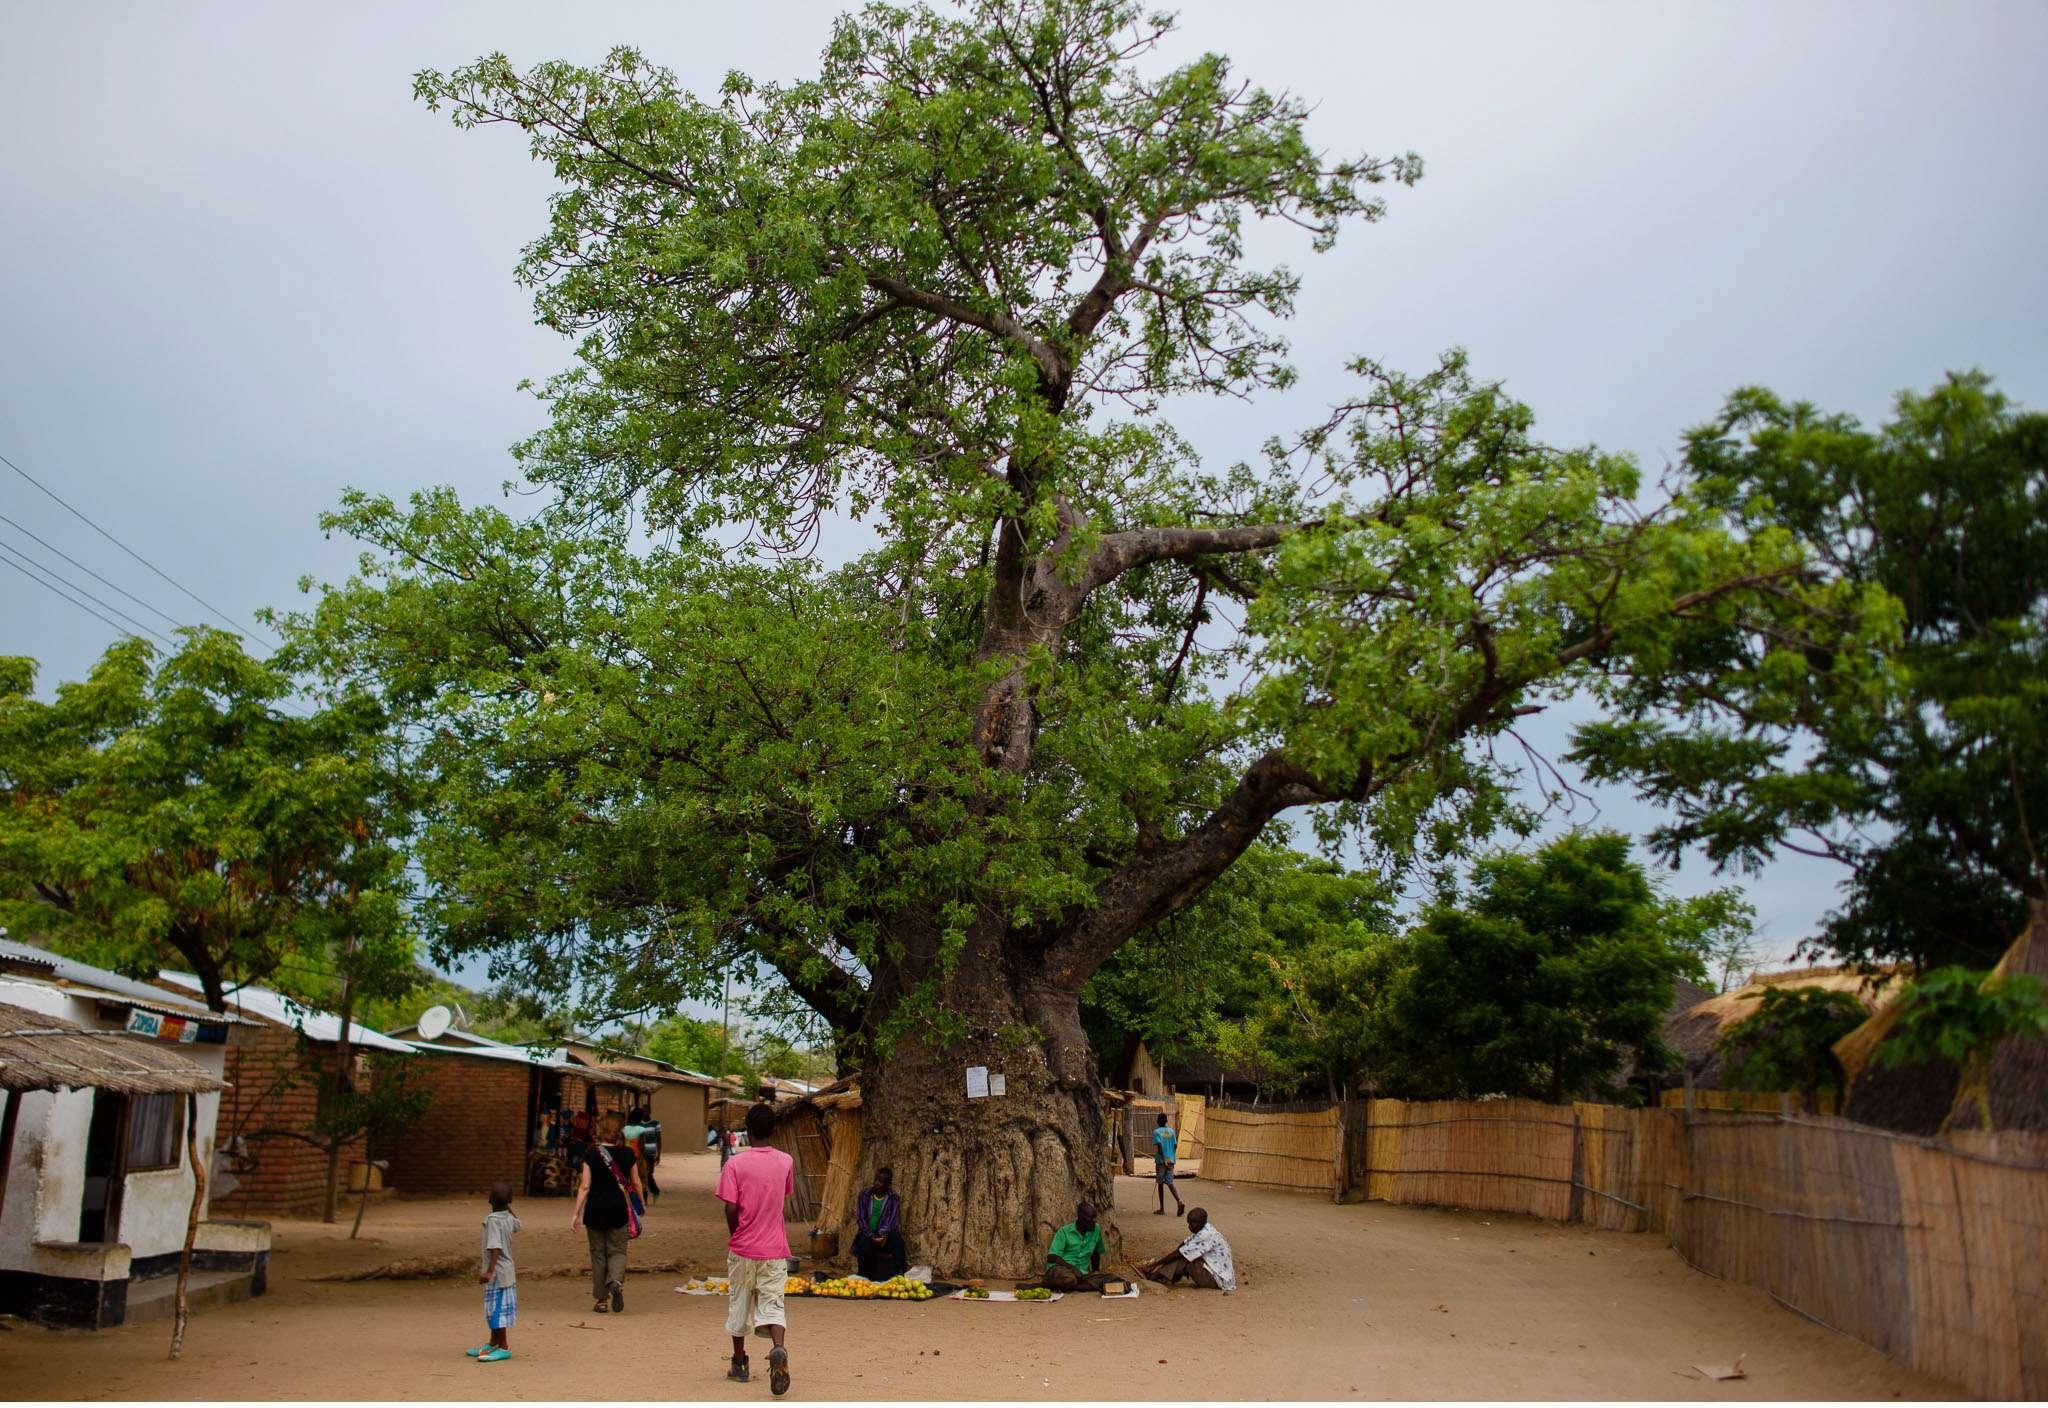 Malawi-Quer durch Afrika- Geschichten von unterwegs by Marion and Daniel-48